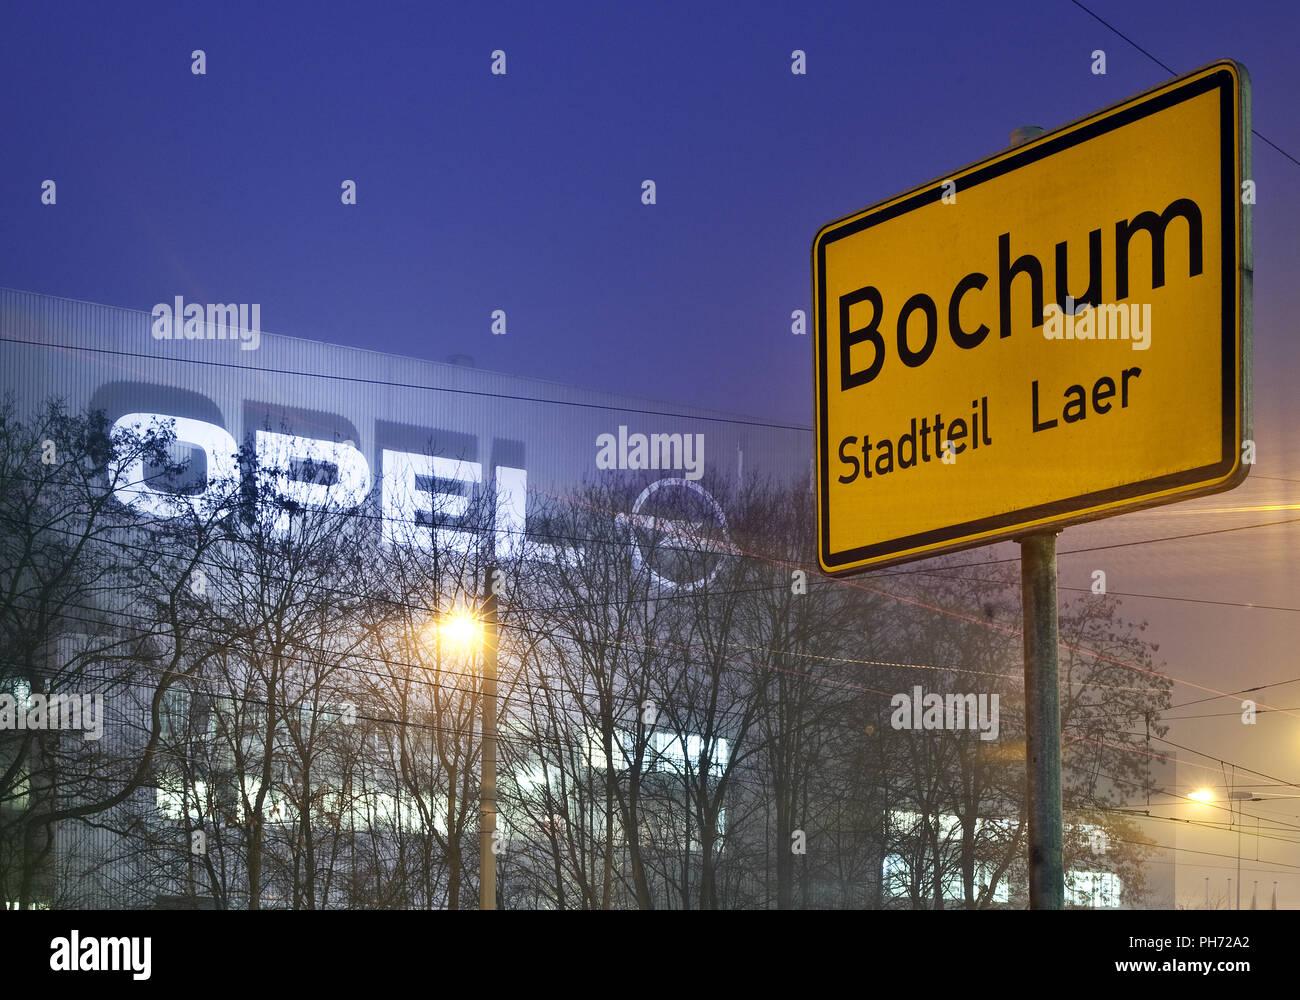 Cerrar las fábricas de Opel en Bochum, Alemania, en 2014. Imagen De Stock